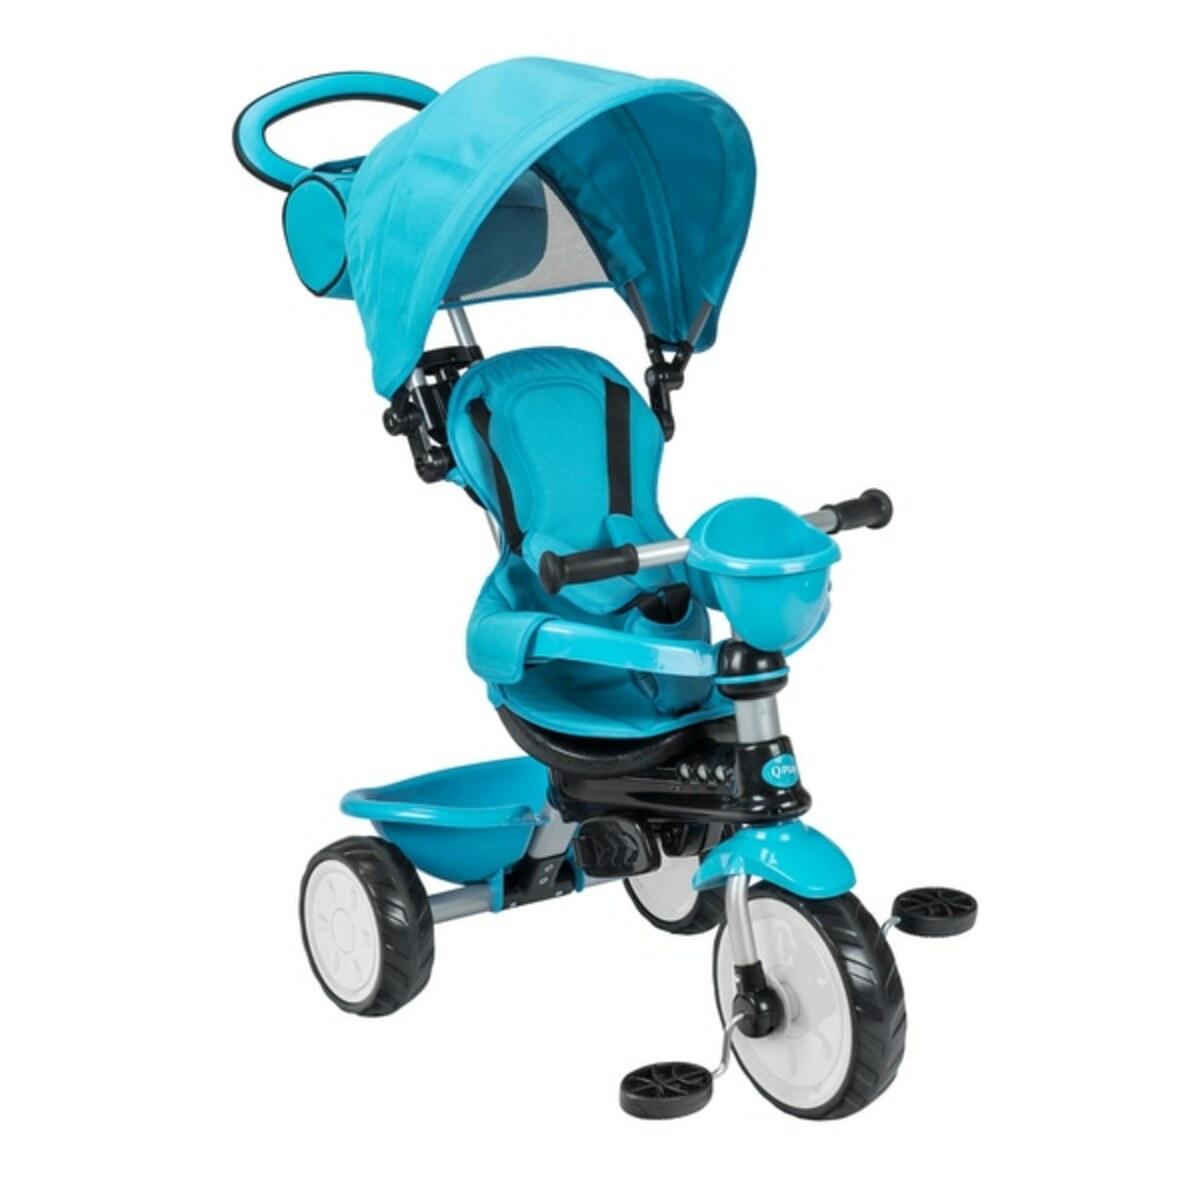 Bild 2 von QPlay - Dreirad Comfort 3in1, blau